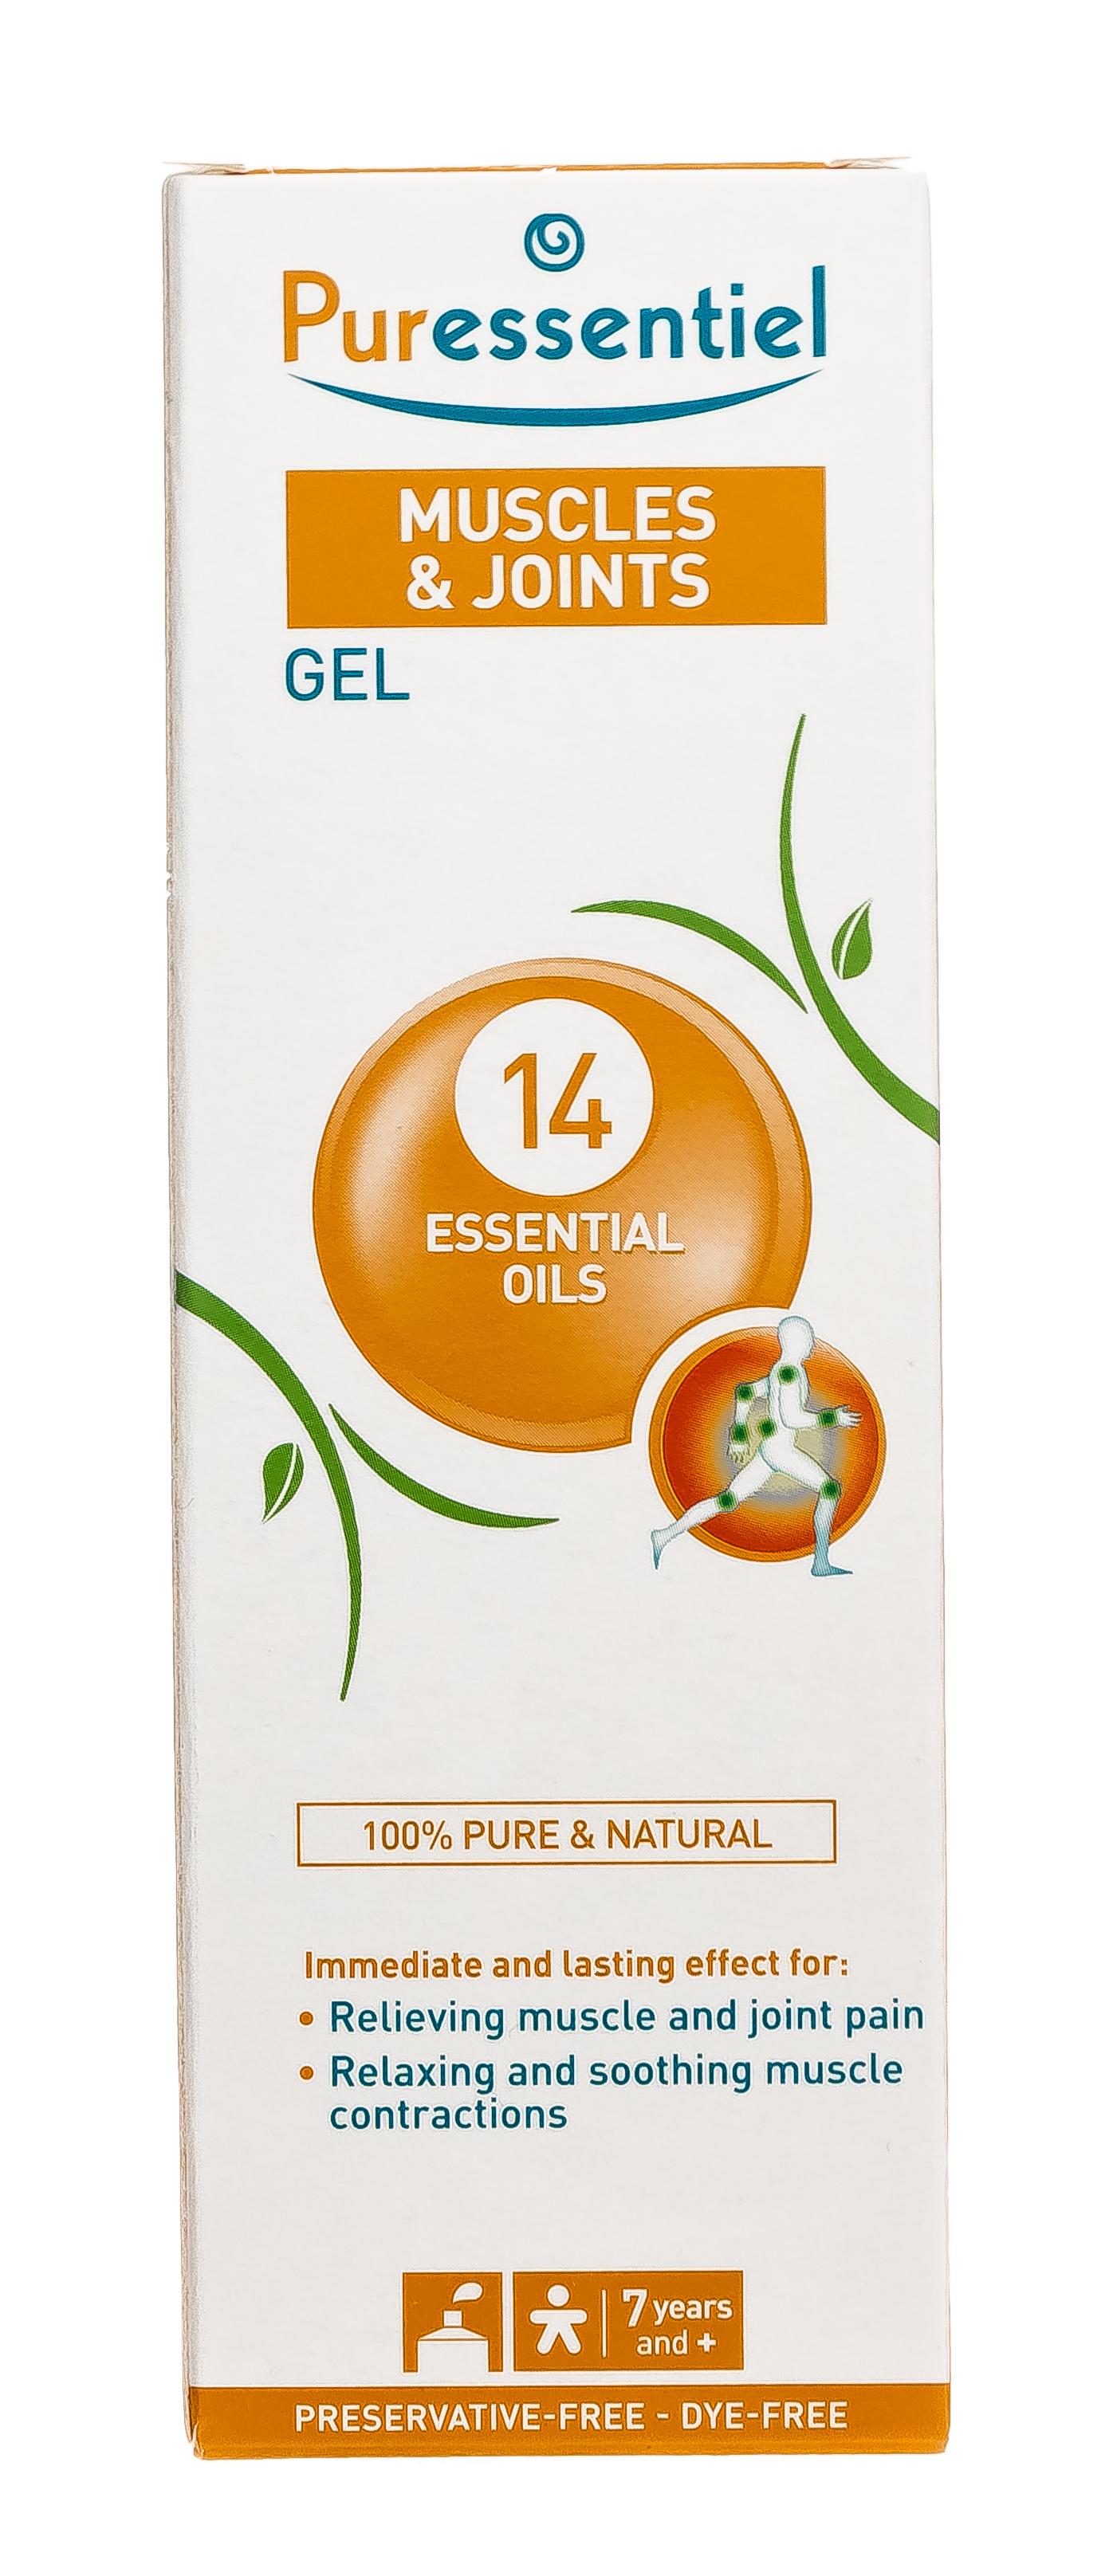 Купить Puressentiel Гель Расслабляющий и успокаивающий 14 эфирных масел , 60 мл (Puressentiel, Мышцы и суставы)